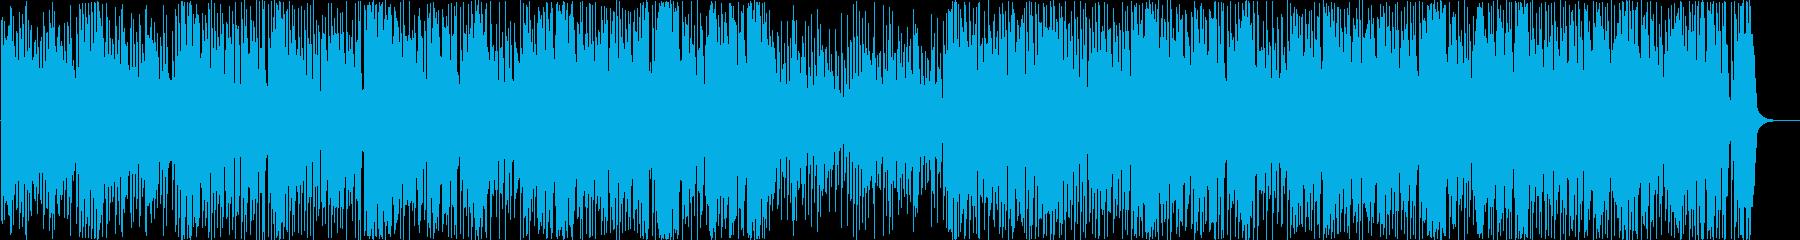 三味線と尺八のクールで力強い和風ロックの再生済みの波形